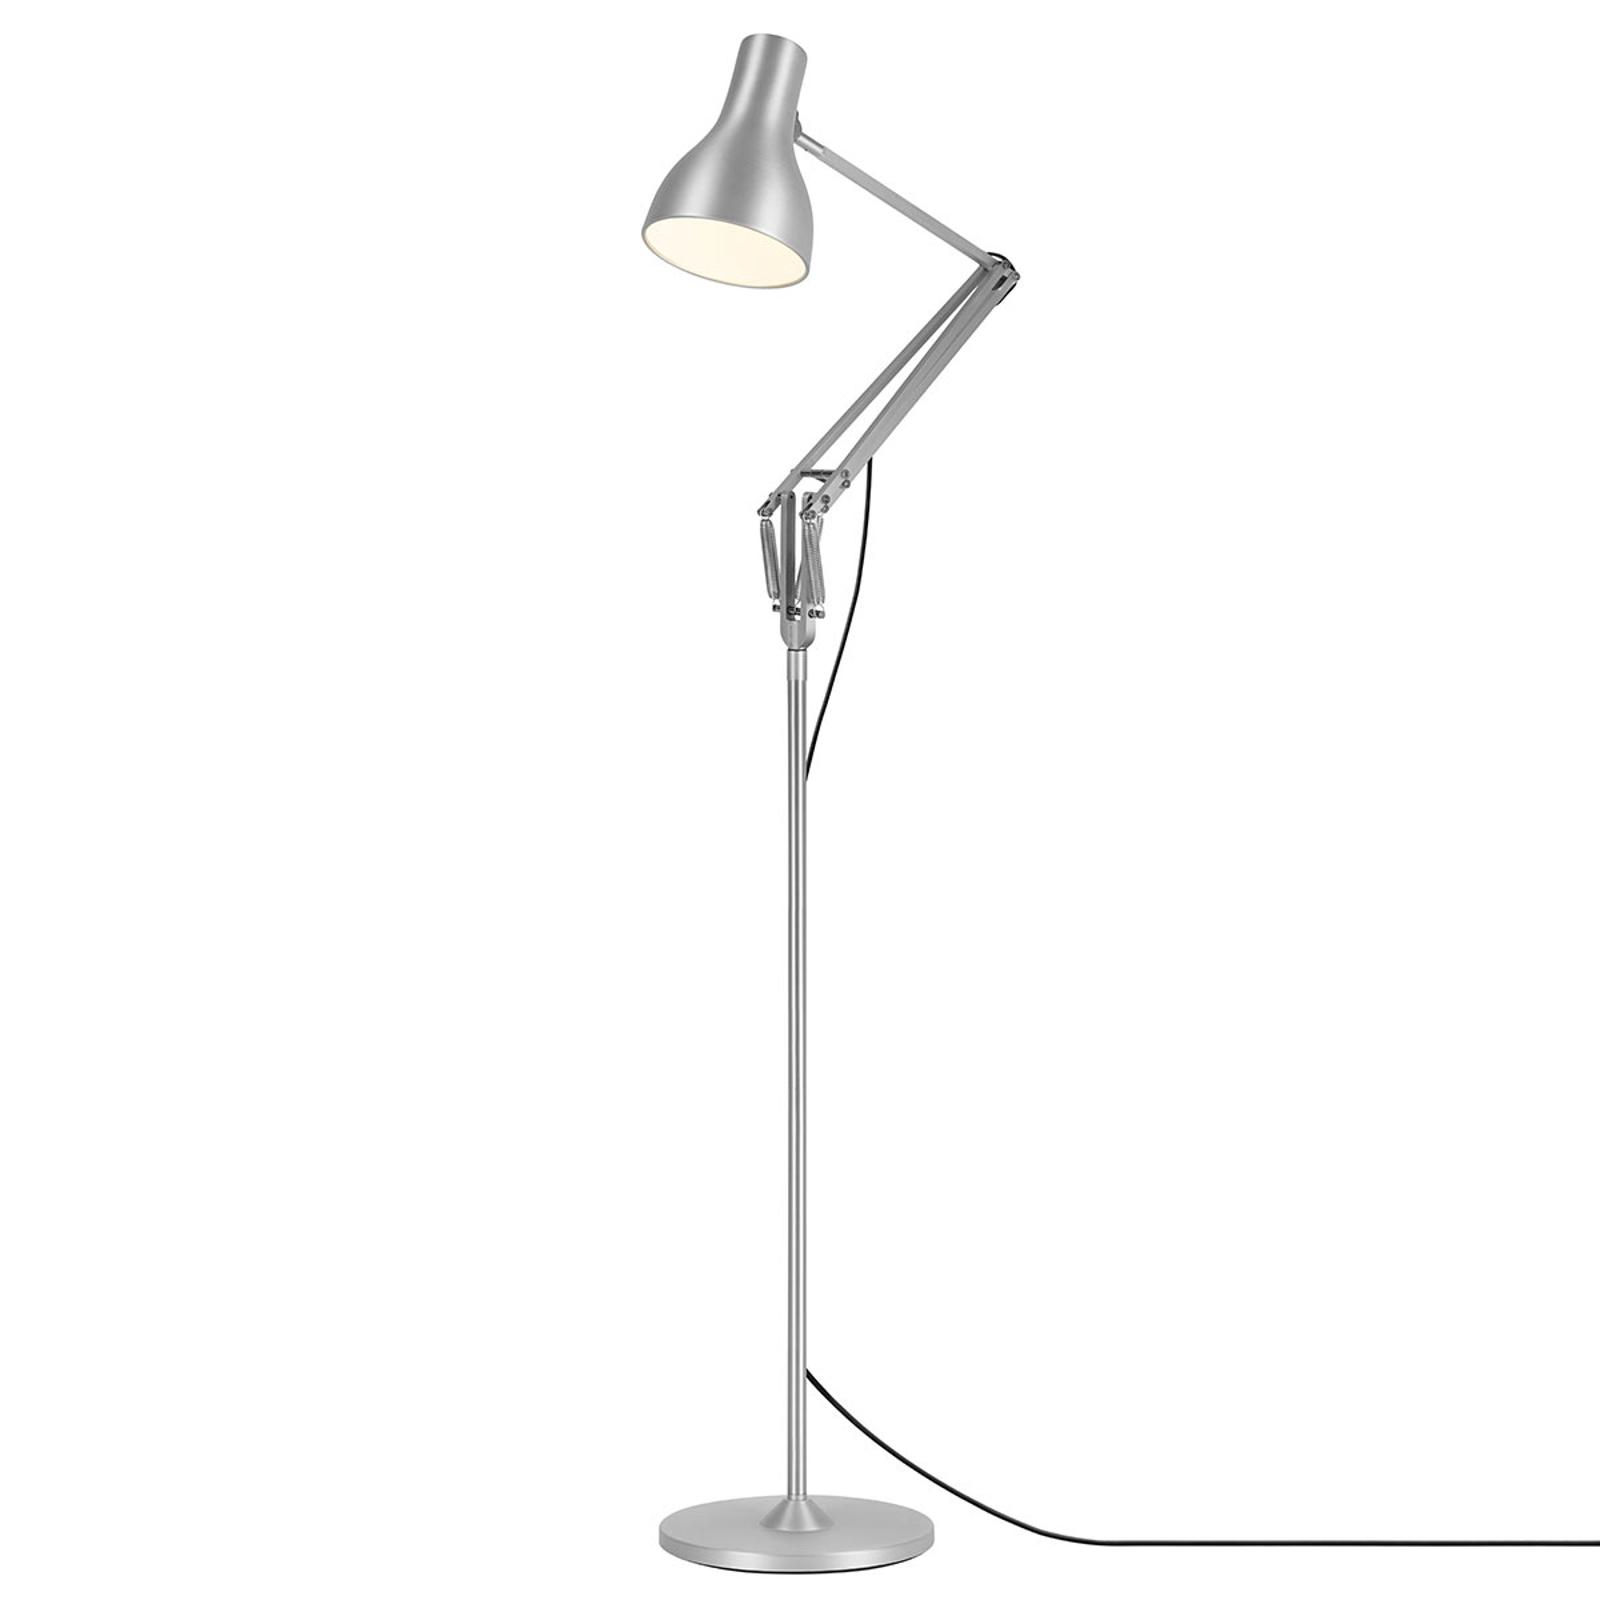 Anglepoise Type 75 standerlampe sølv